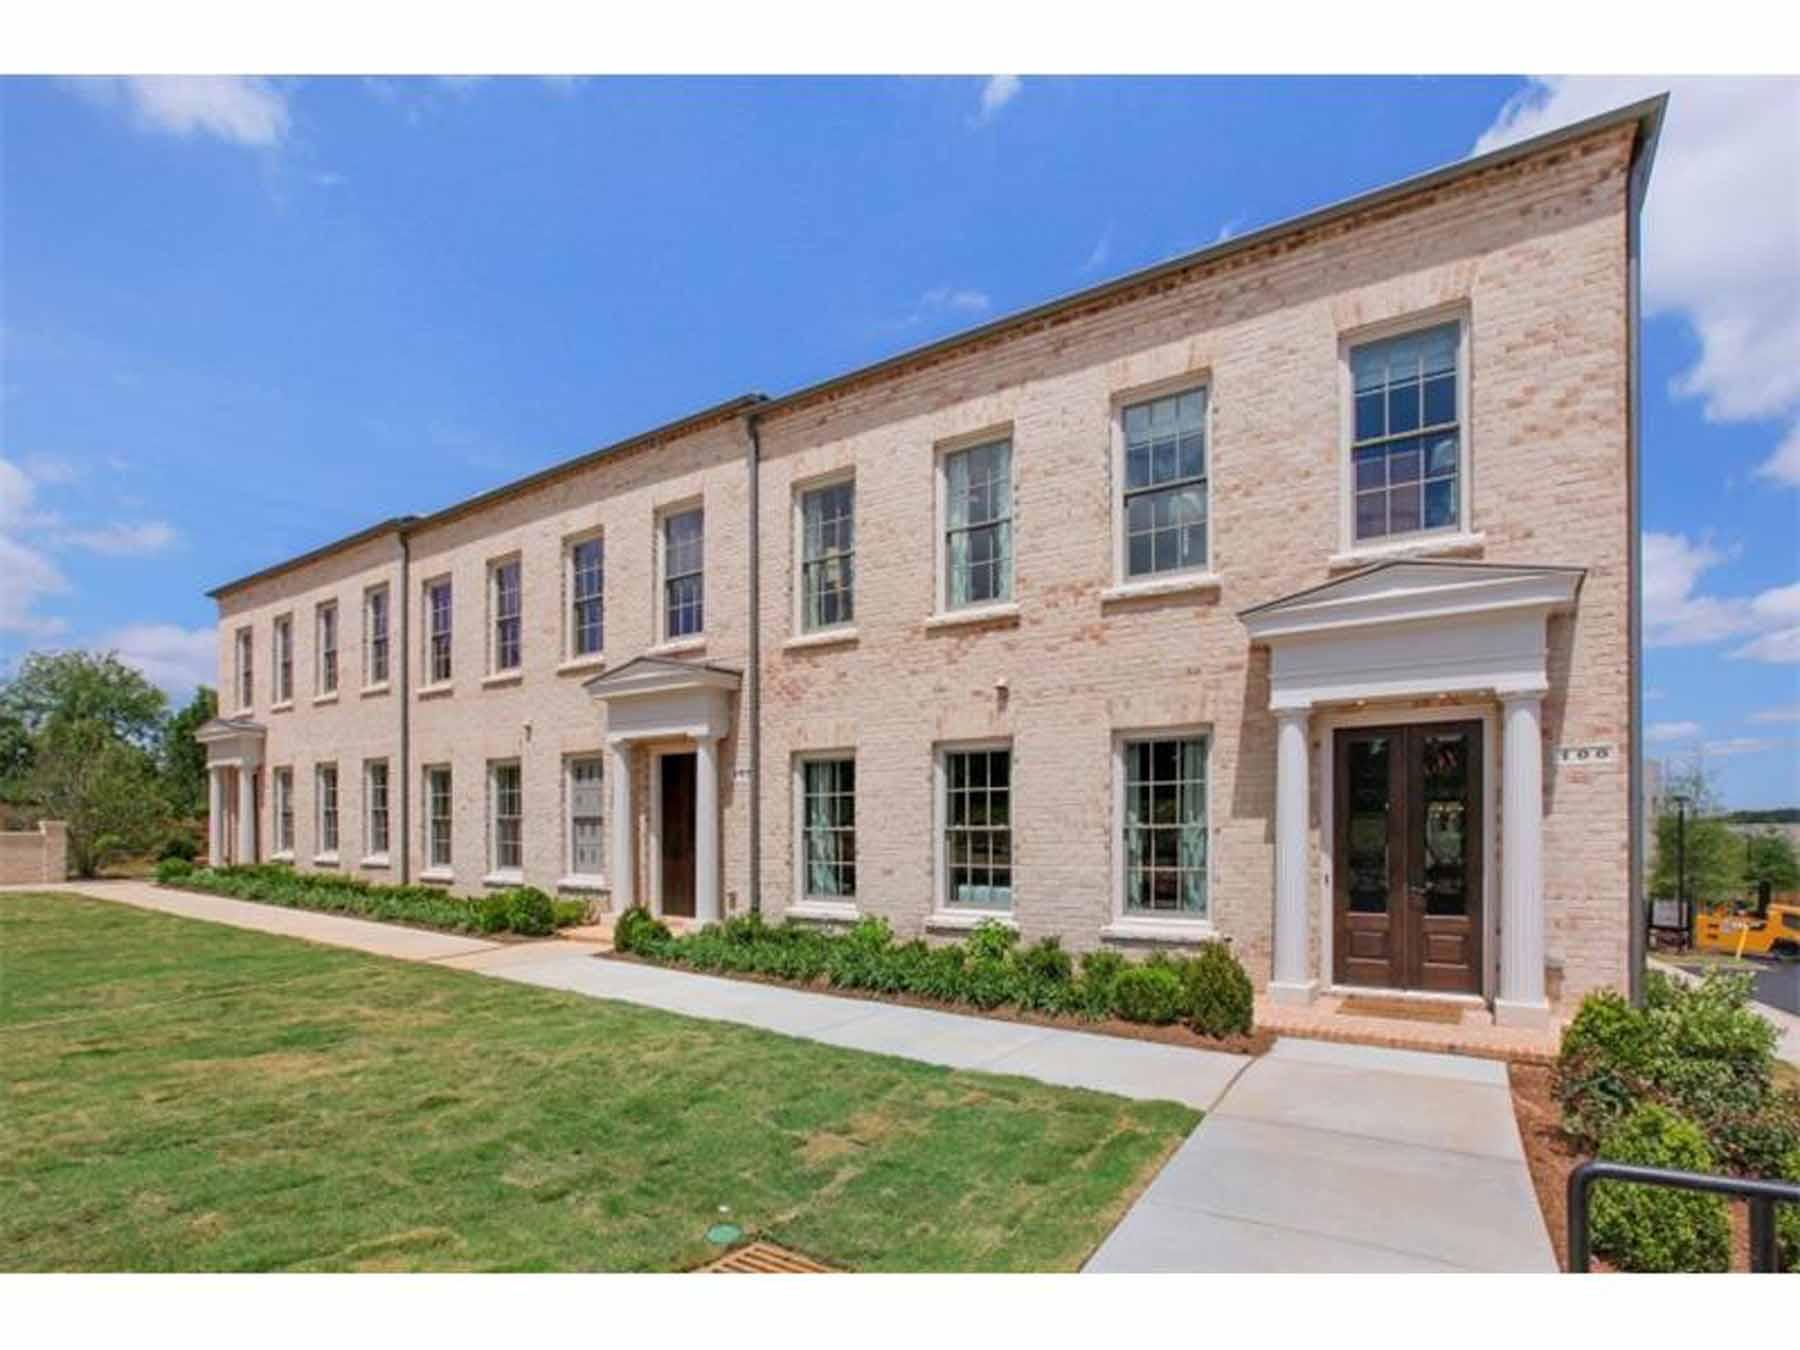 Частный односемейный дом для того Продажа на Luxury Living 100 Grand Crescent Alpharetta, Джорджия 30009 Соединенные Штаты